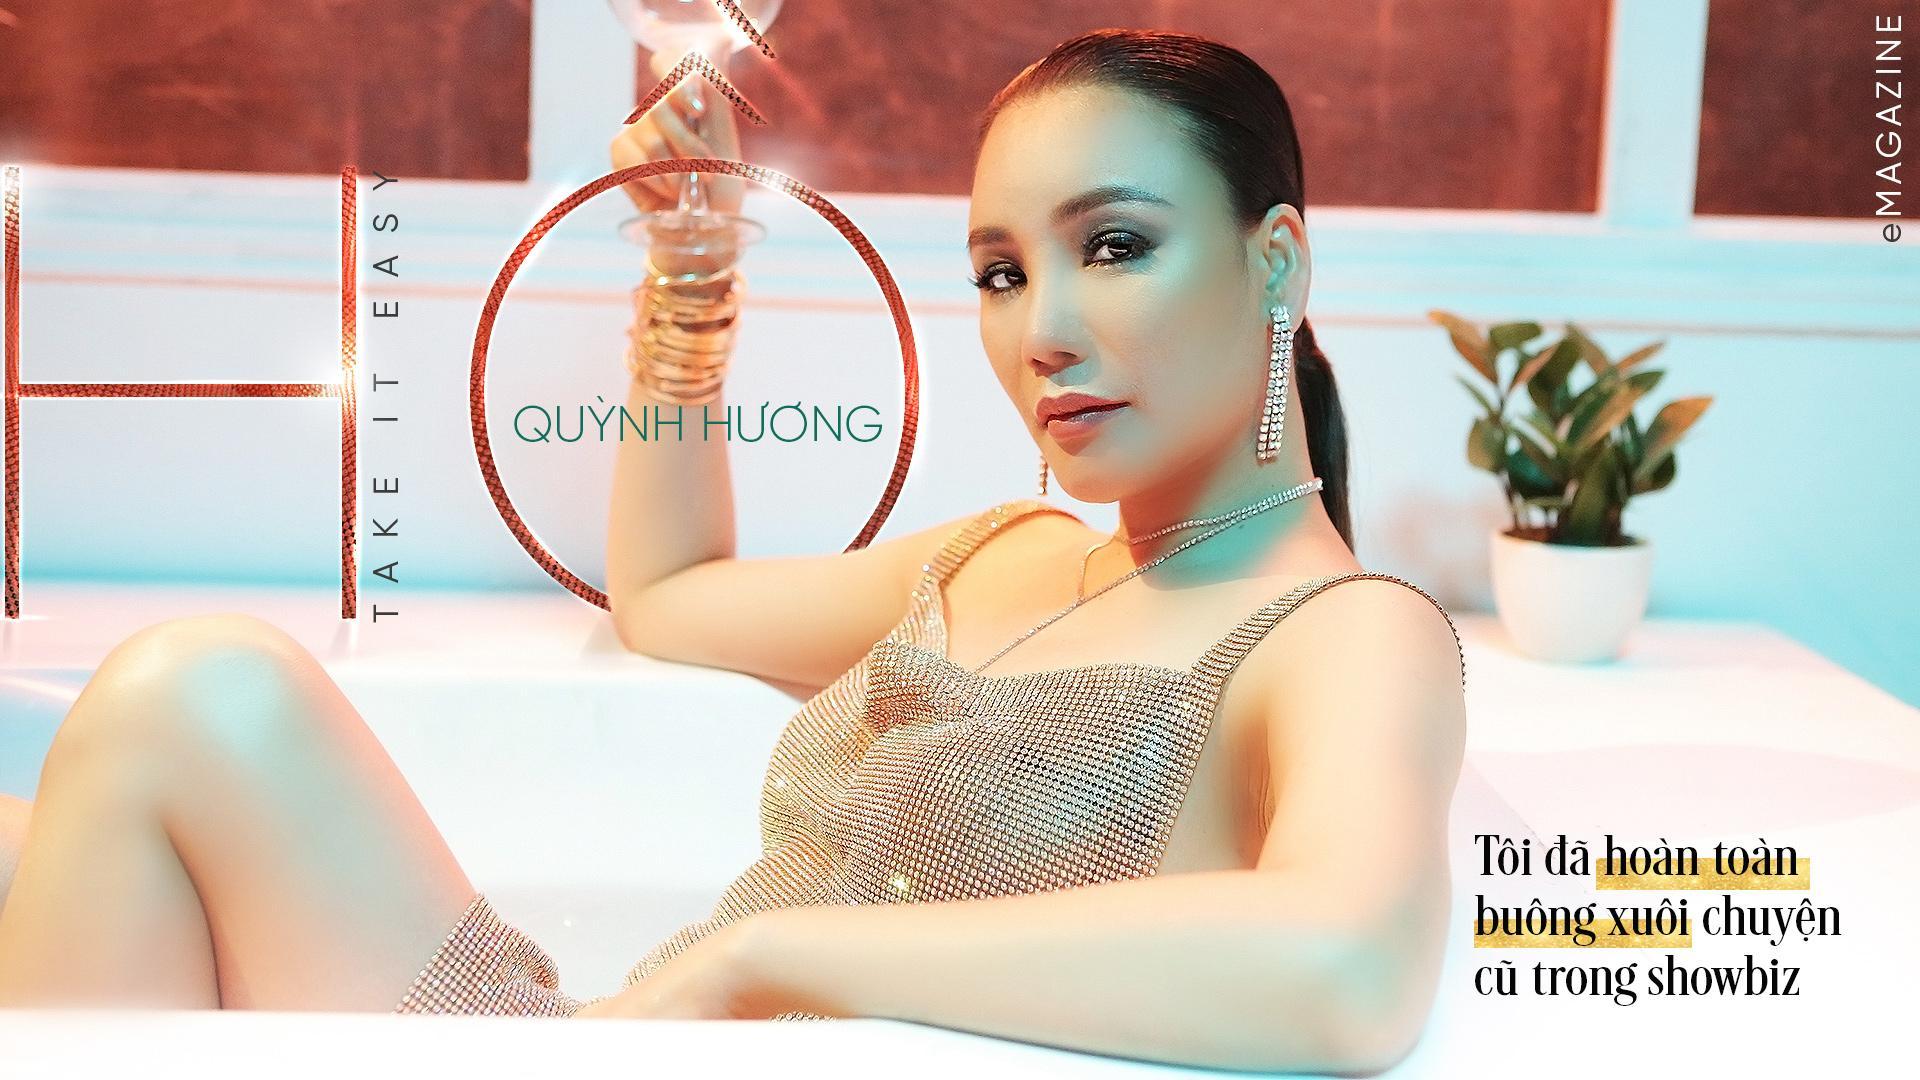 Hồ Quỳnh Hương: 'Tôi đã hoàn toàn buông xuôi chuyện cũ trong showbiz'